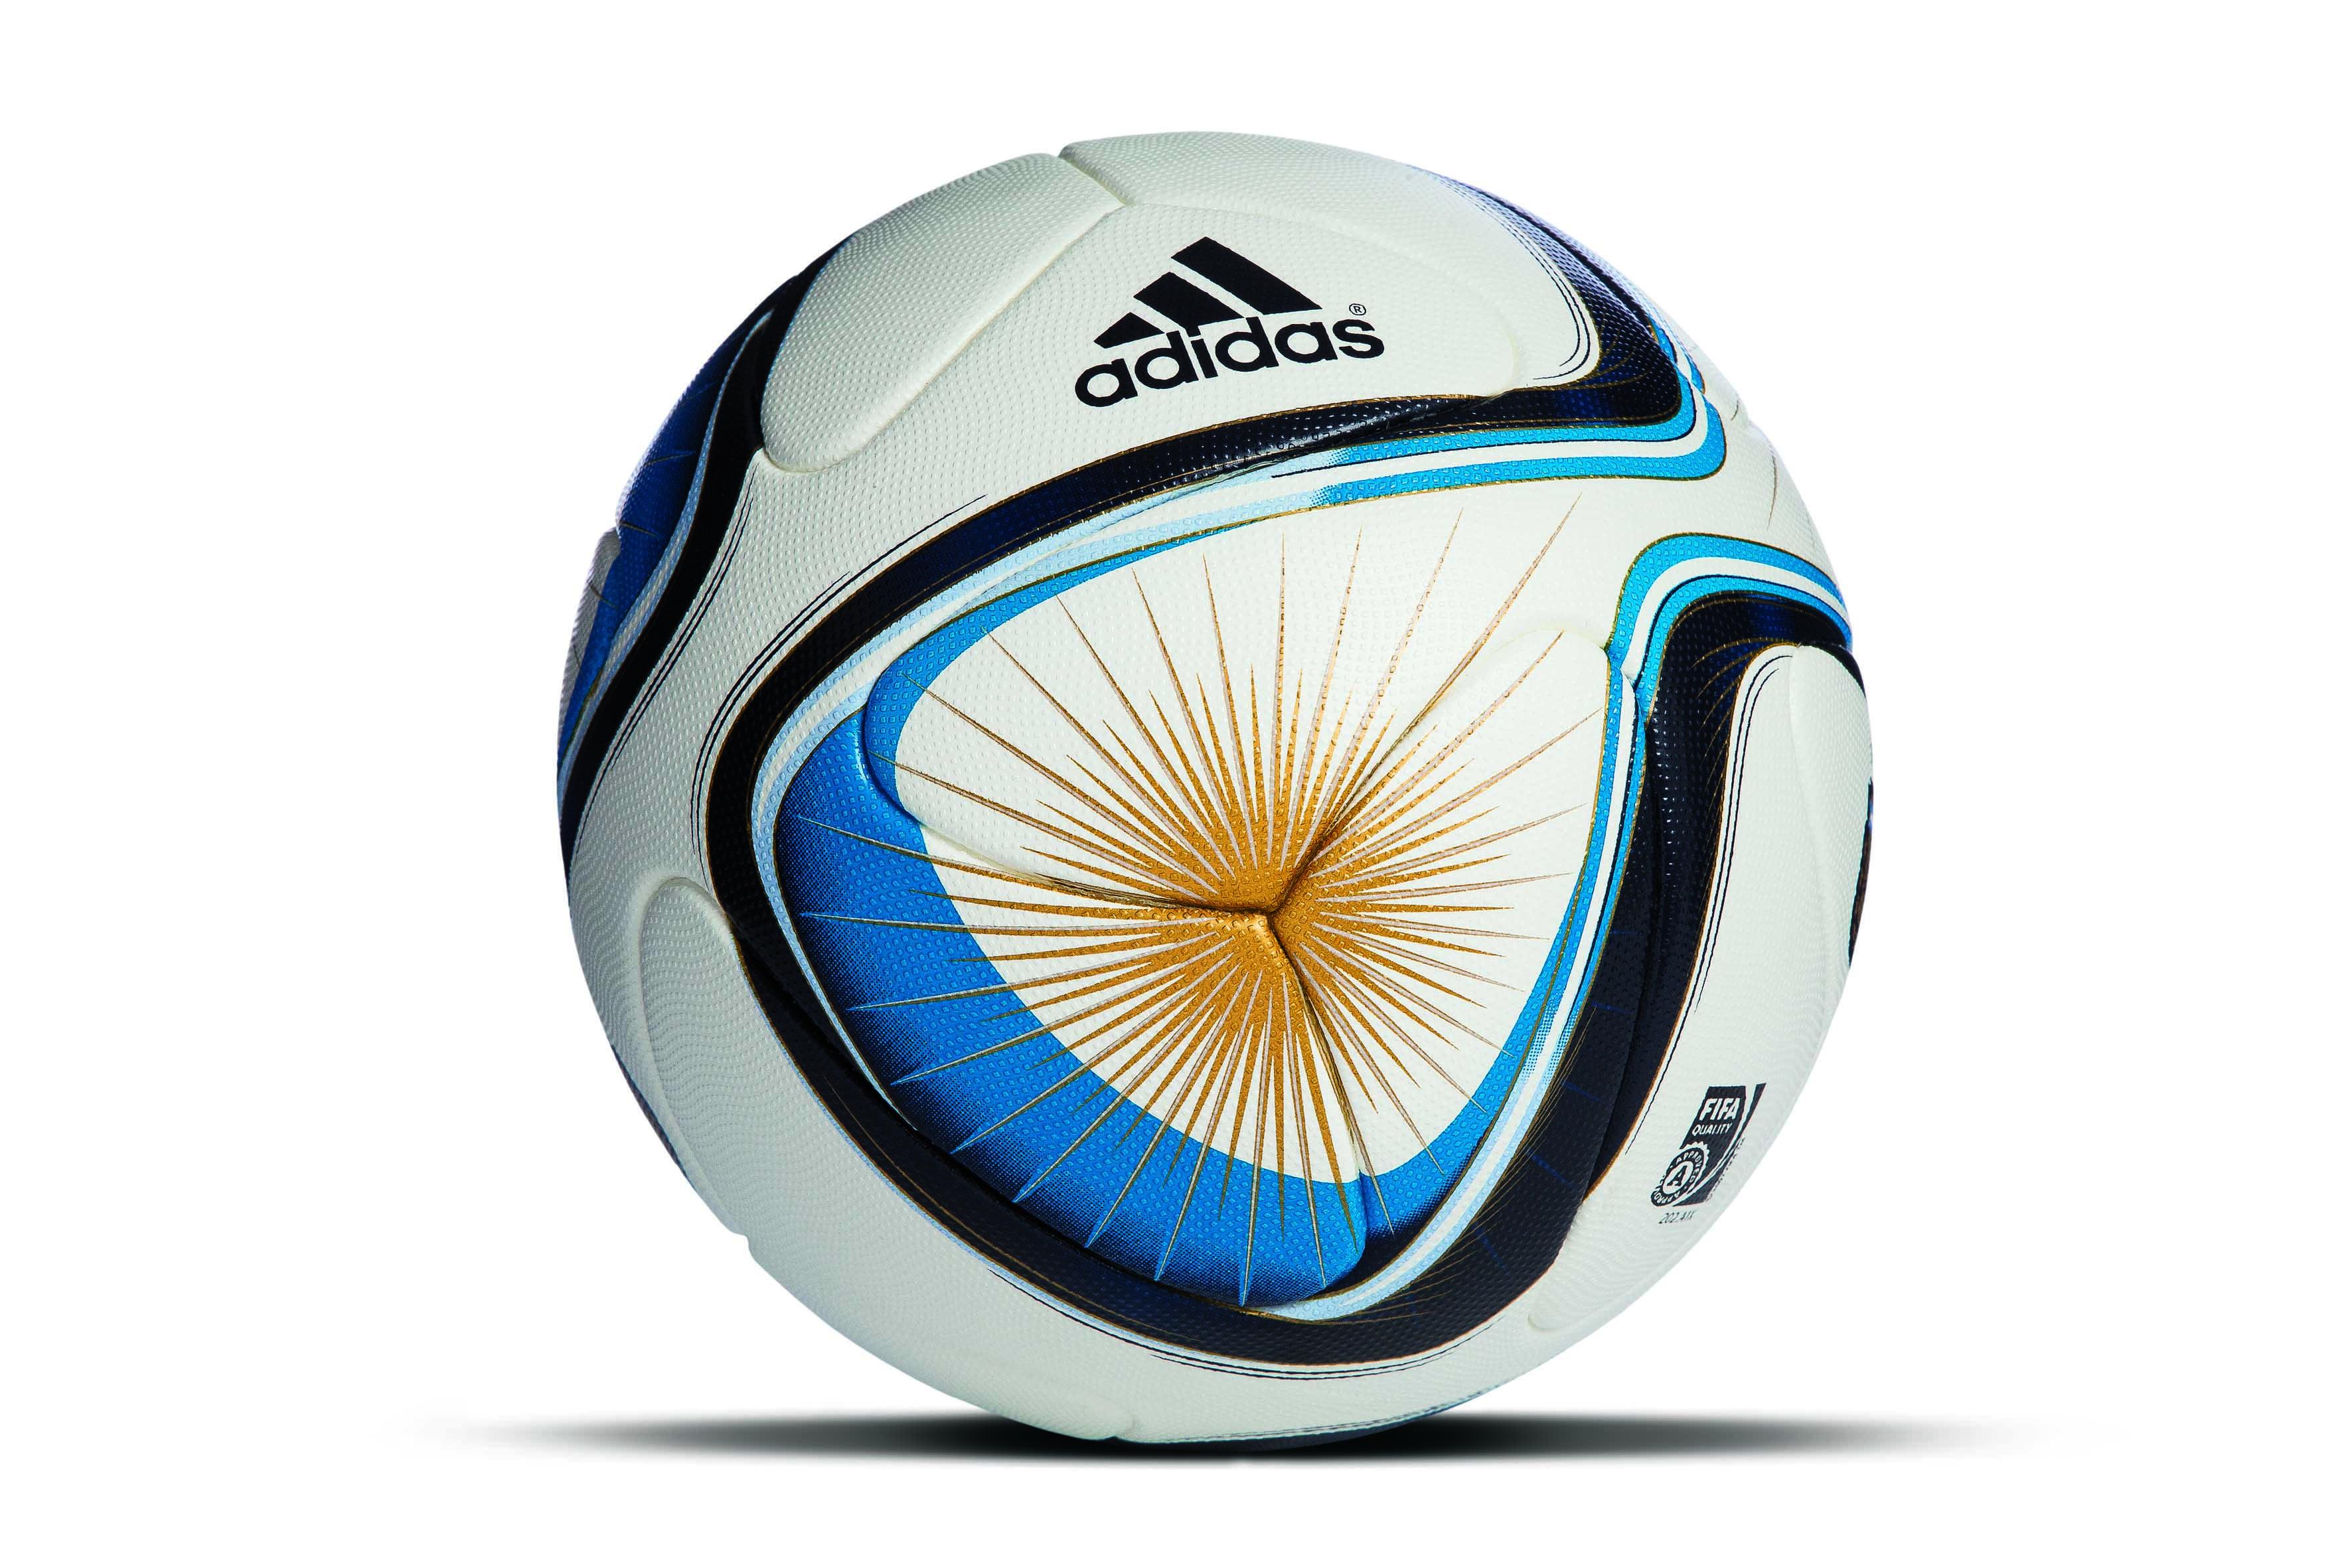 """1db1be9b13b adidas presenta el nuevo balón """"Argentum 2015"""", que se estrenará en el tan  esperado Torneo de Verano y será utilizado en todos los torneos de la  Asociación ..."""